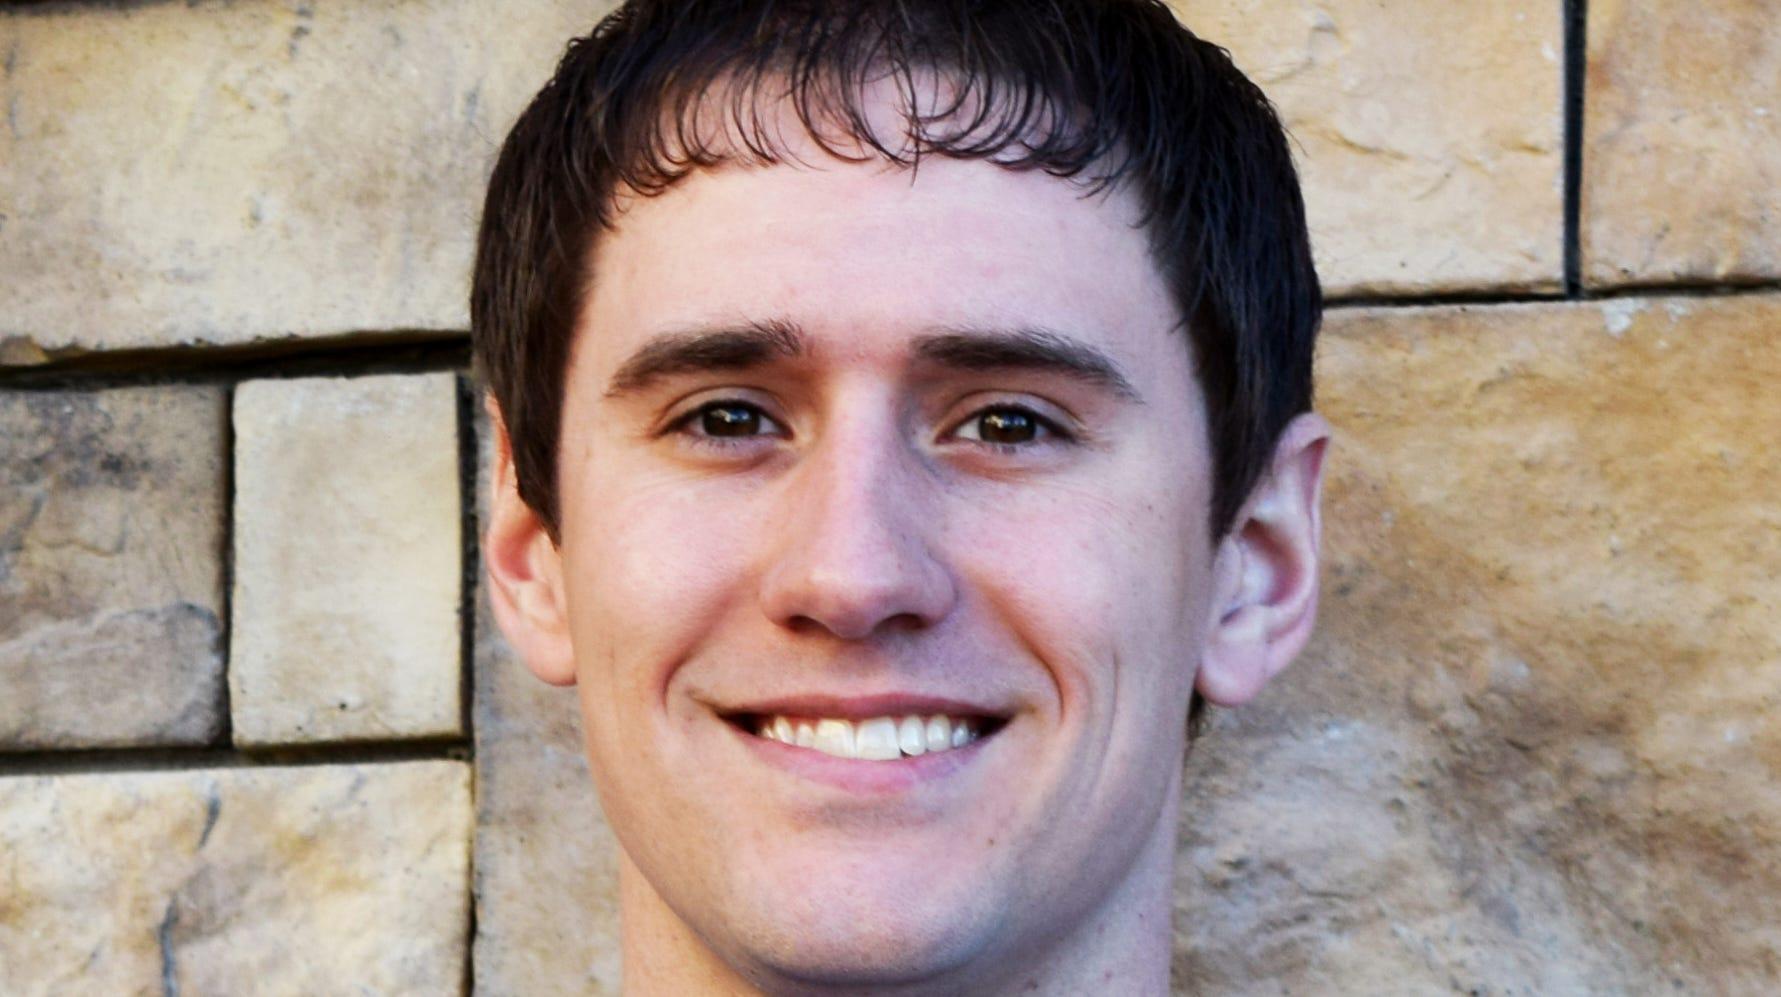 Brady Lassila